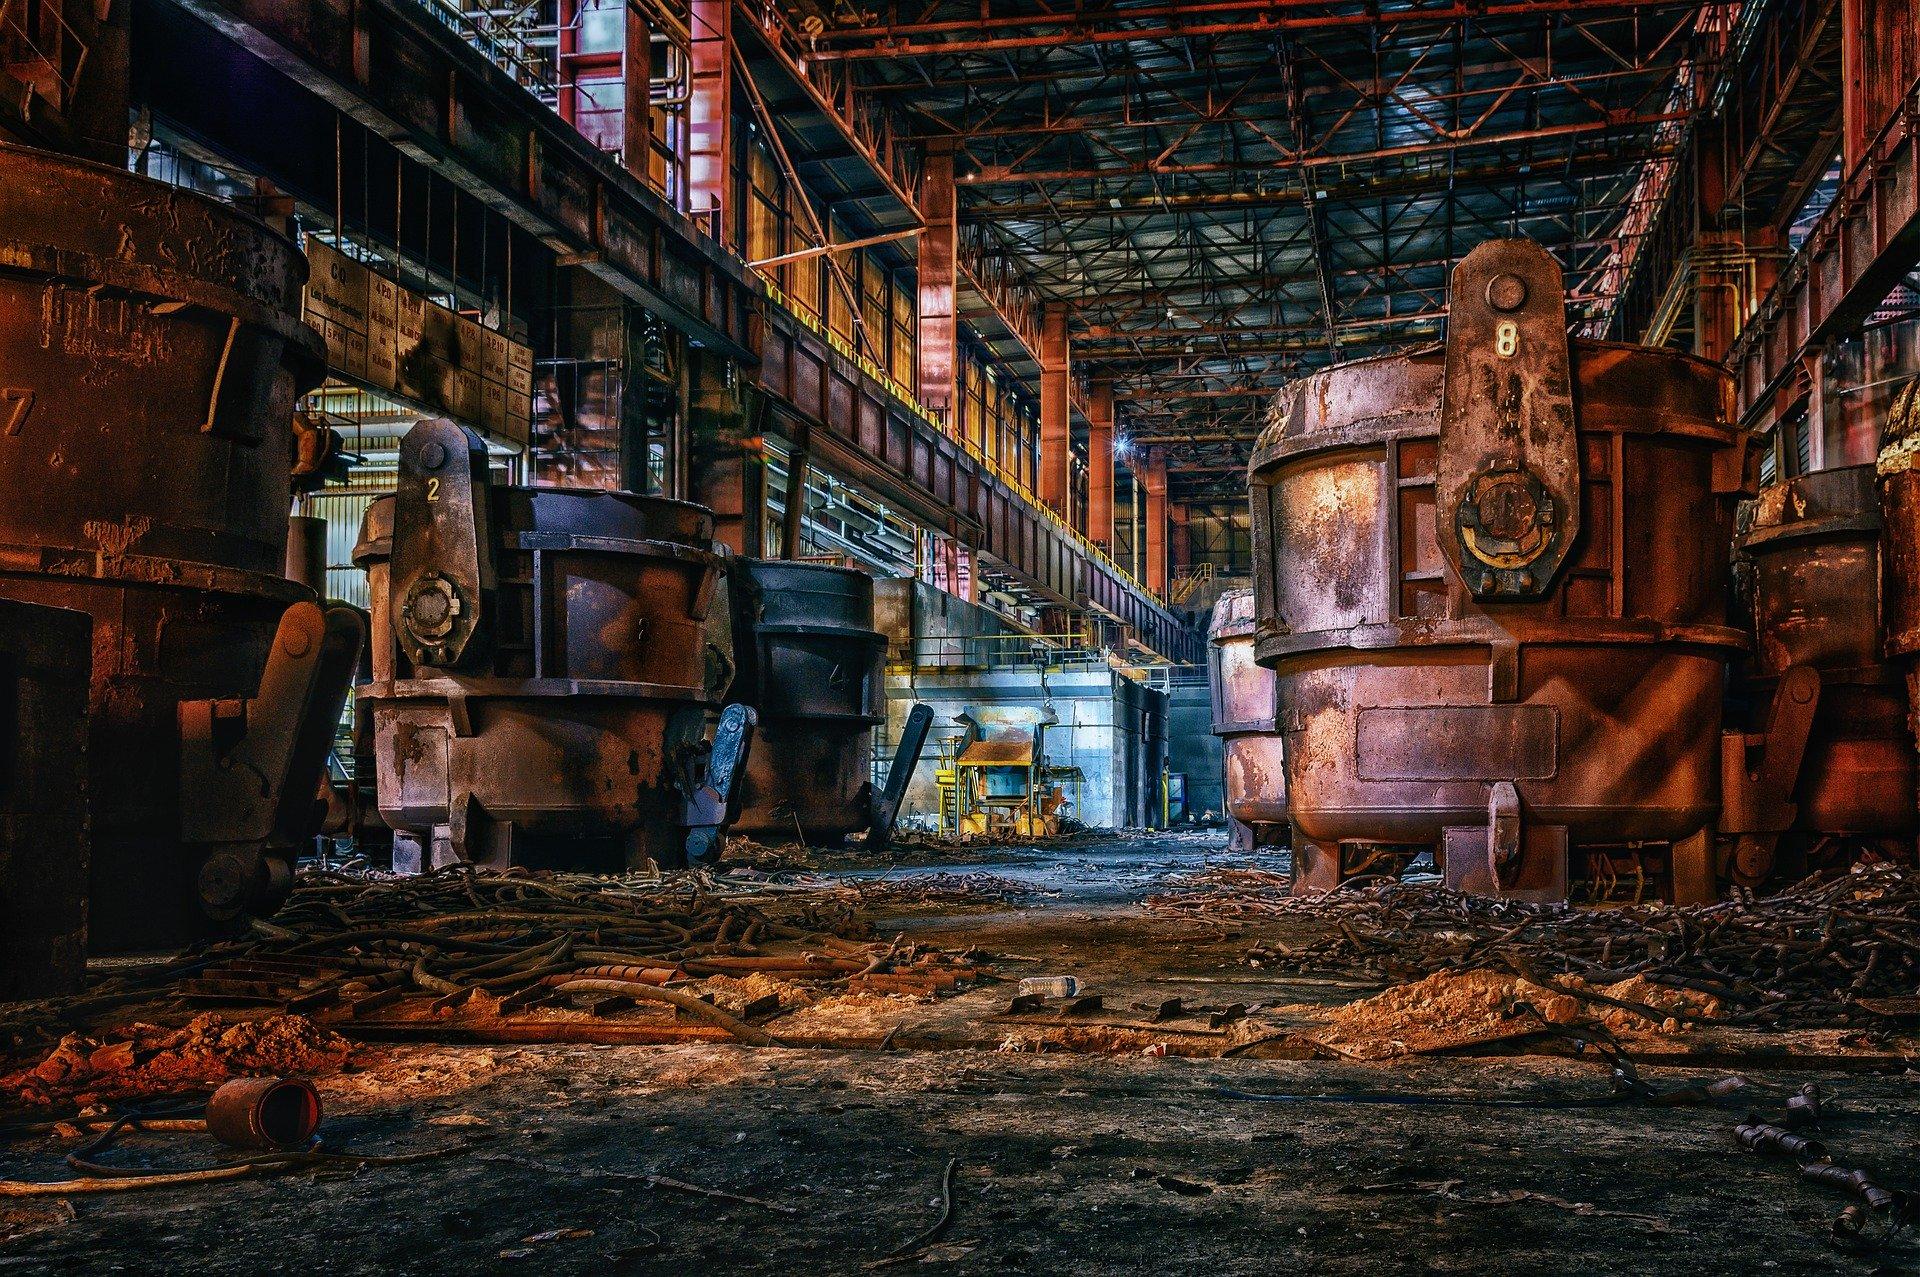 Principales causas de las explosiones e incendios en ambientes industriales en Drexmin